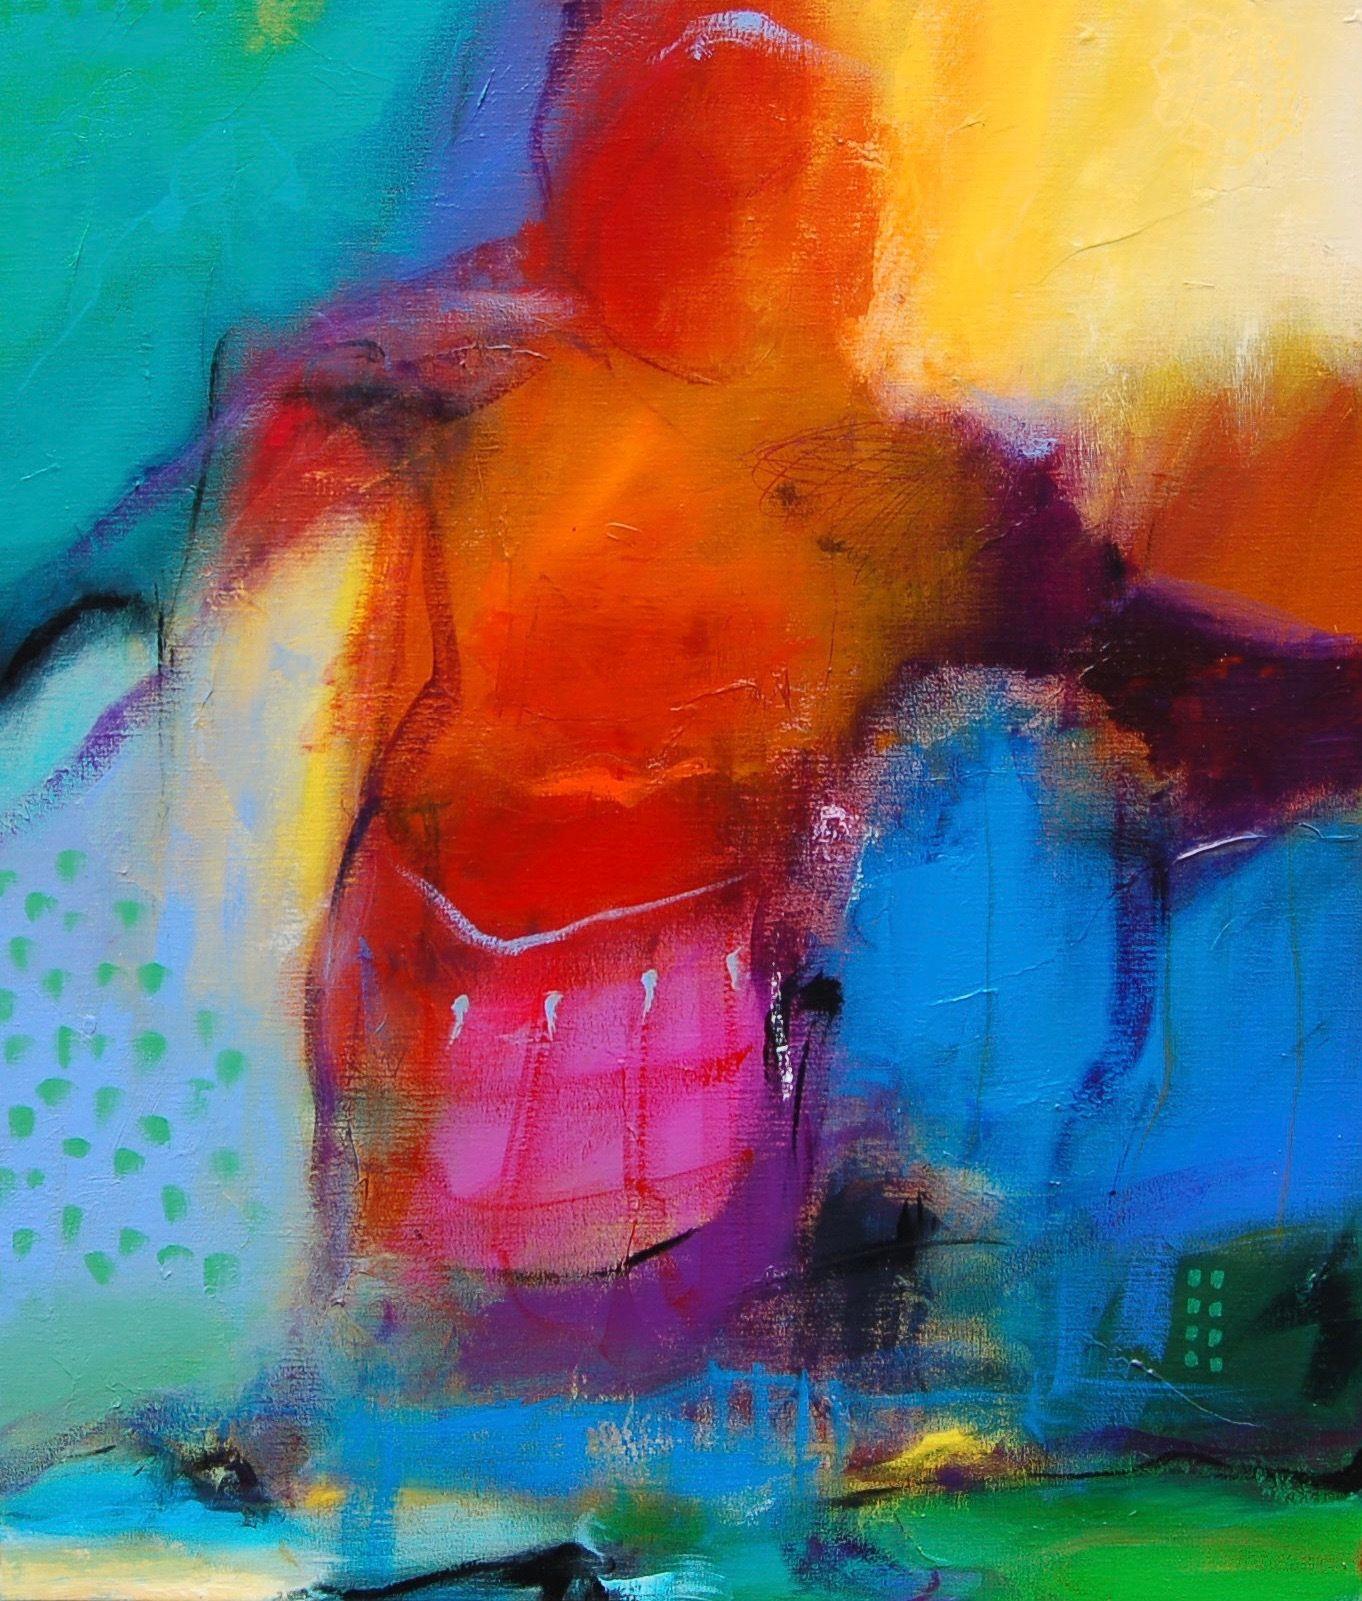 Niels Kongsbak Maleri Kunst Galleri Kongsbak Esbjerg Abstrakt Kunst Abstrakt Malerier